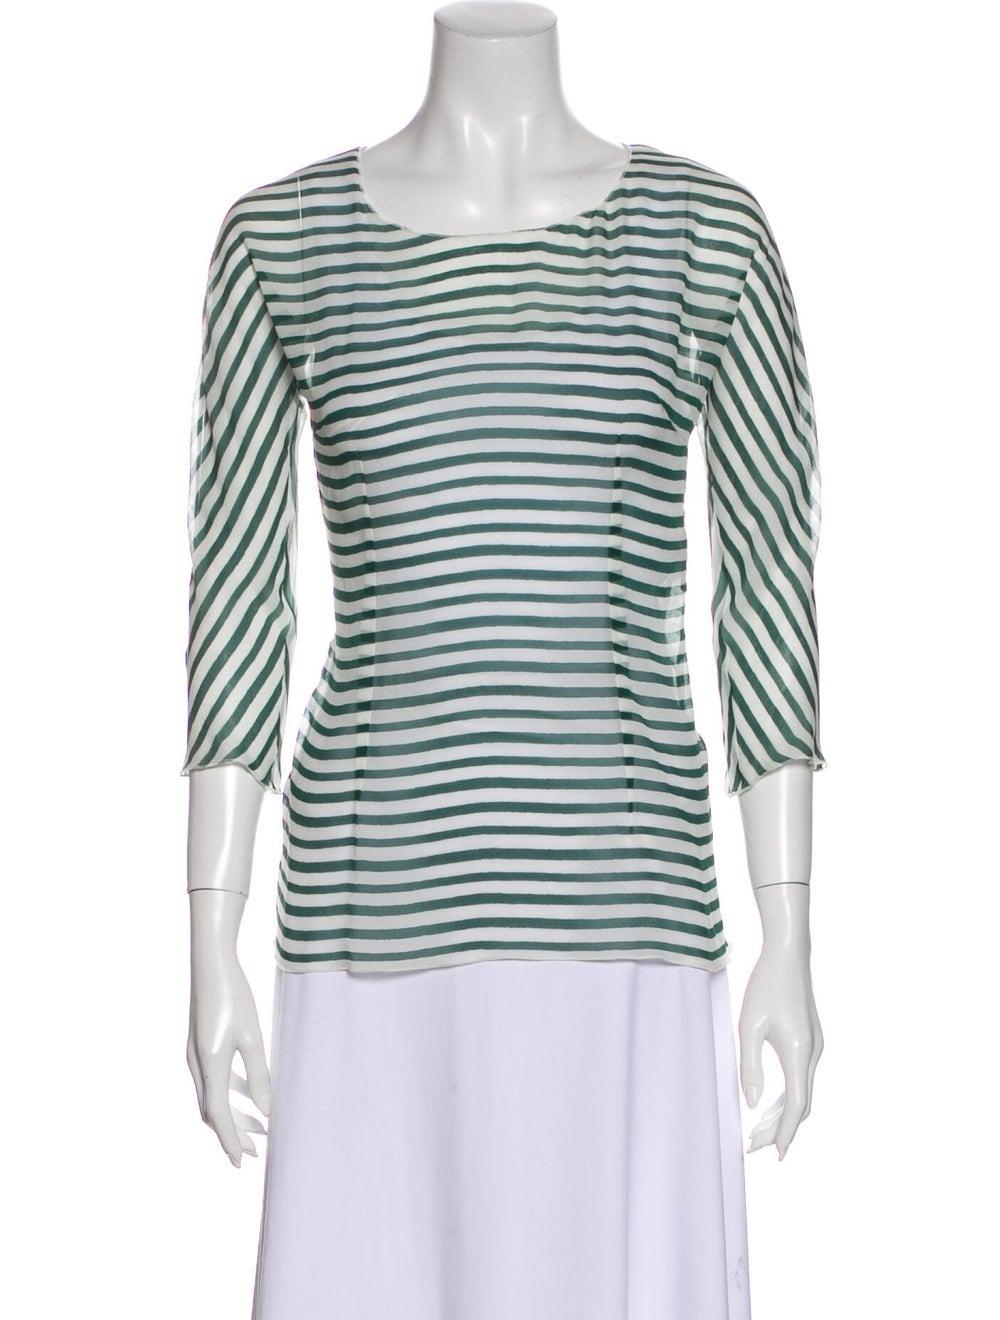 Dolce & Gabbana Silk Striped T-Shirt Green - image 1